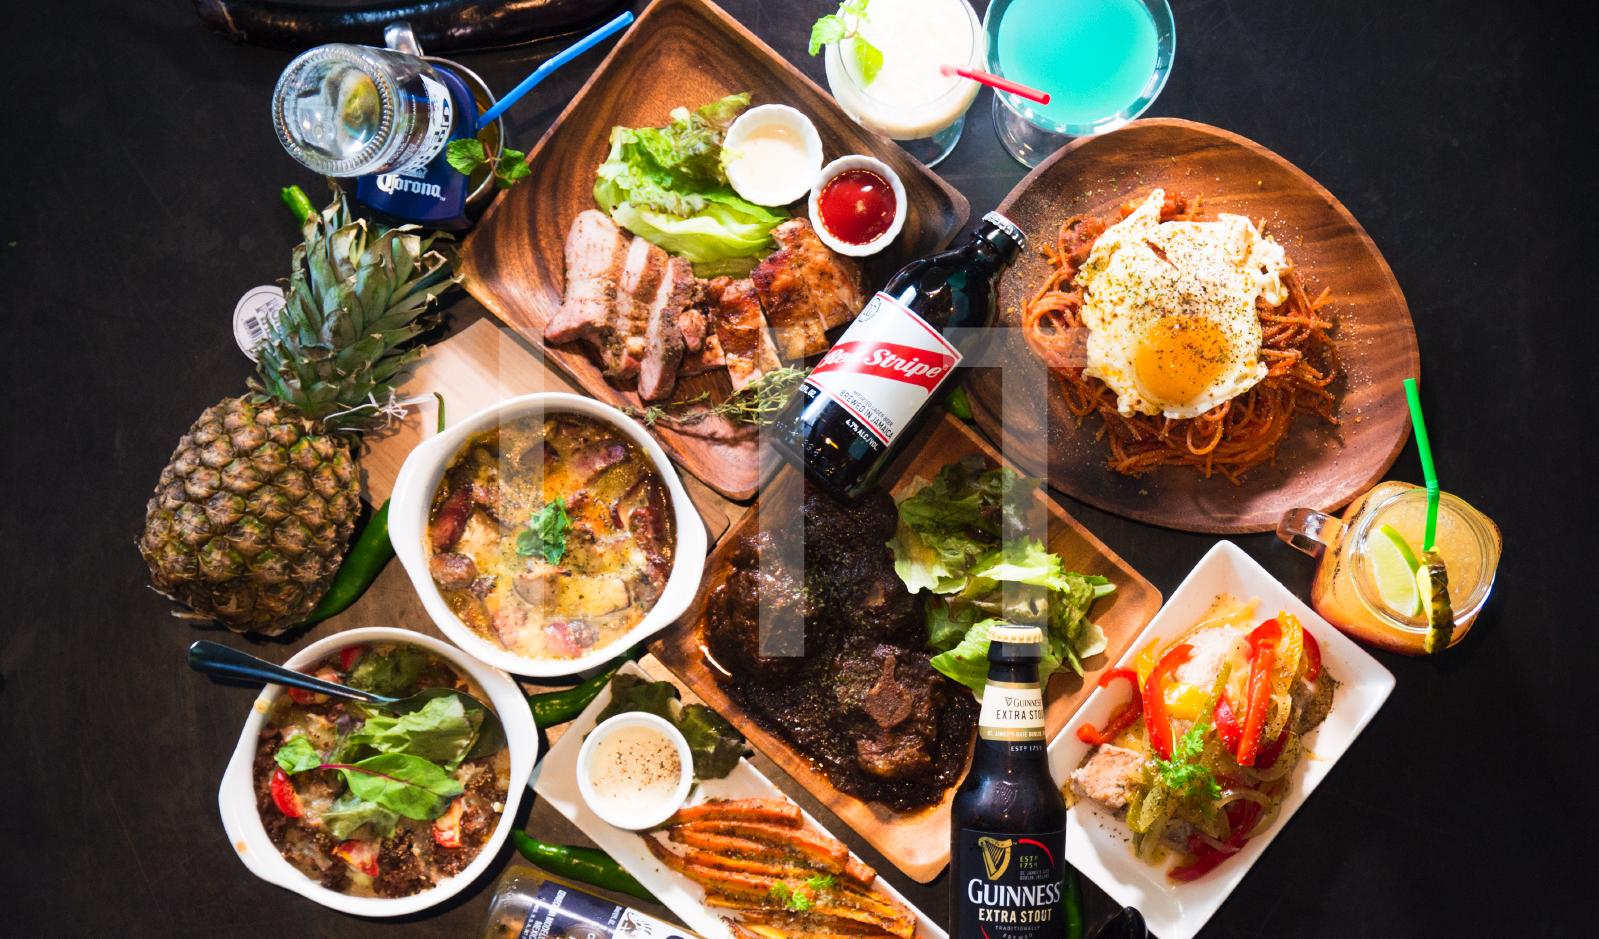 BarLIT│ジャマイカ料理が楽しめる鳥取市弥生町のダイニングバー・リット